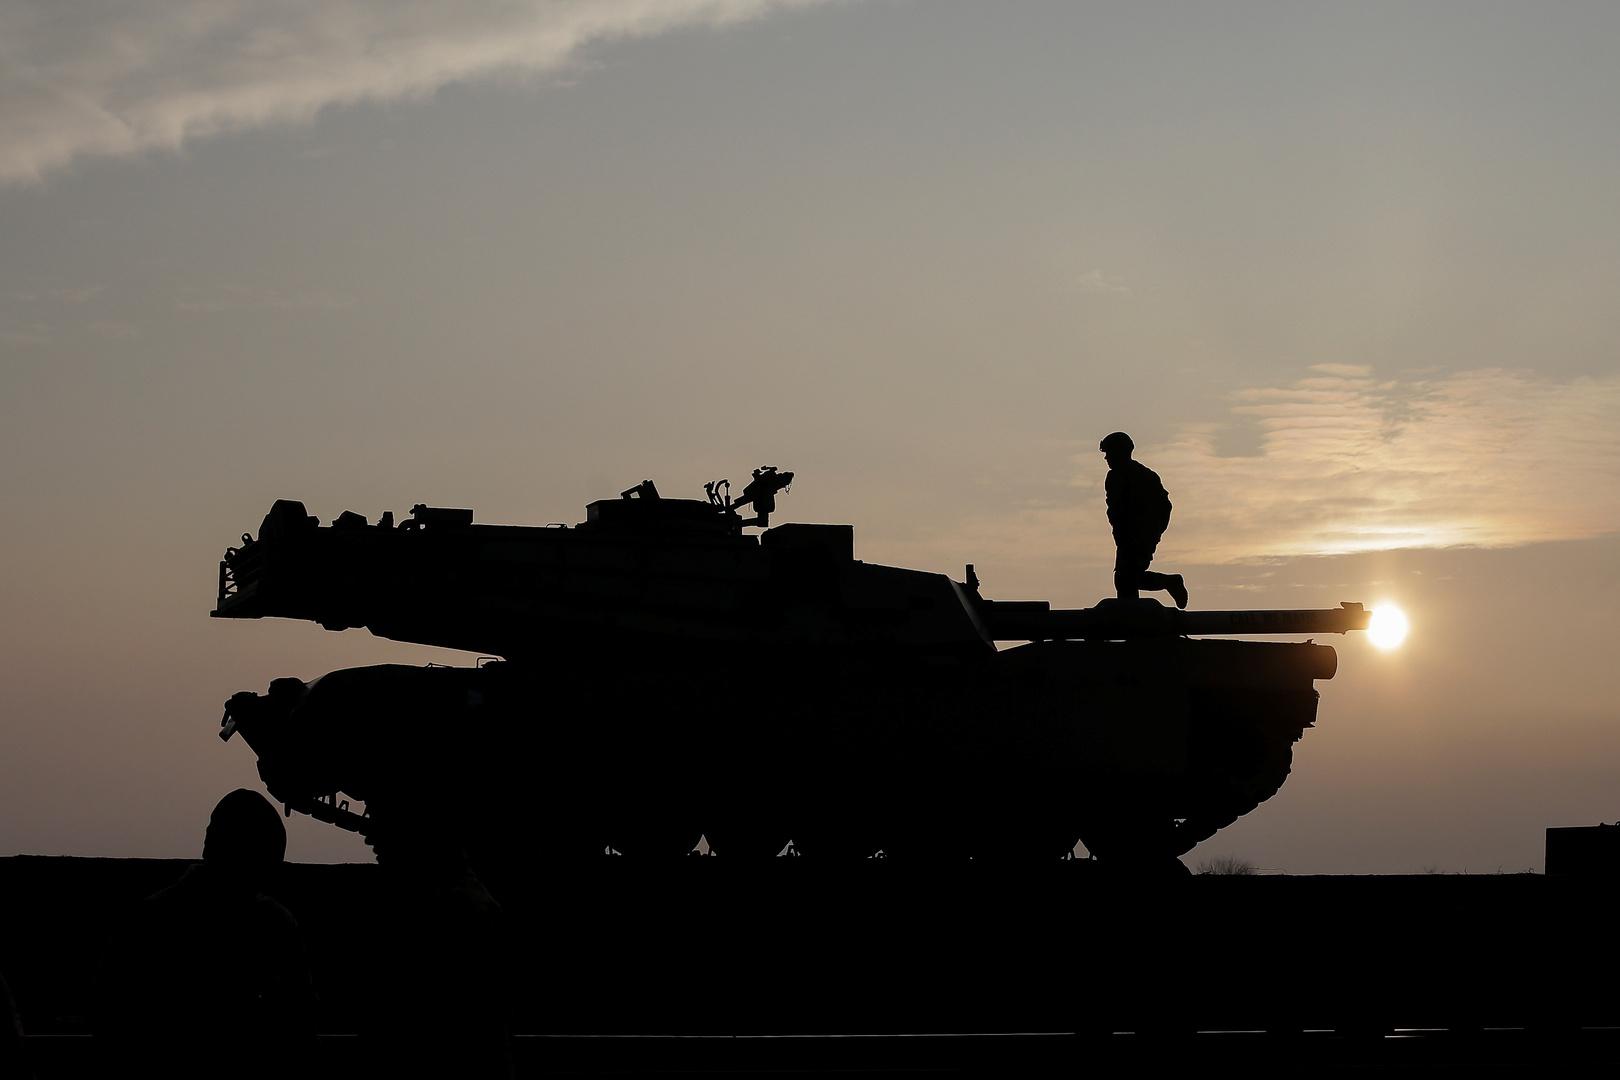 البنتاغون يكشف عدد الهجمات الإيرانية على منشآته العسكرية منذ سبتمبر الماضي